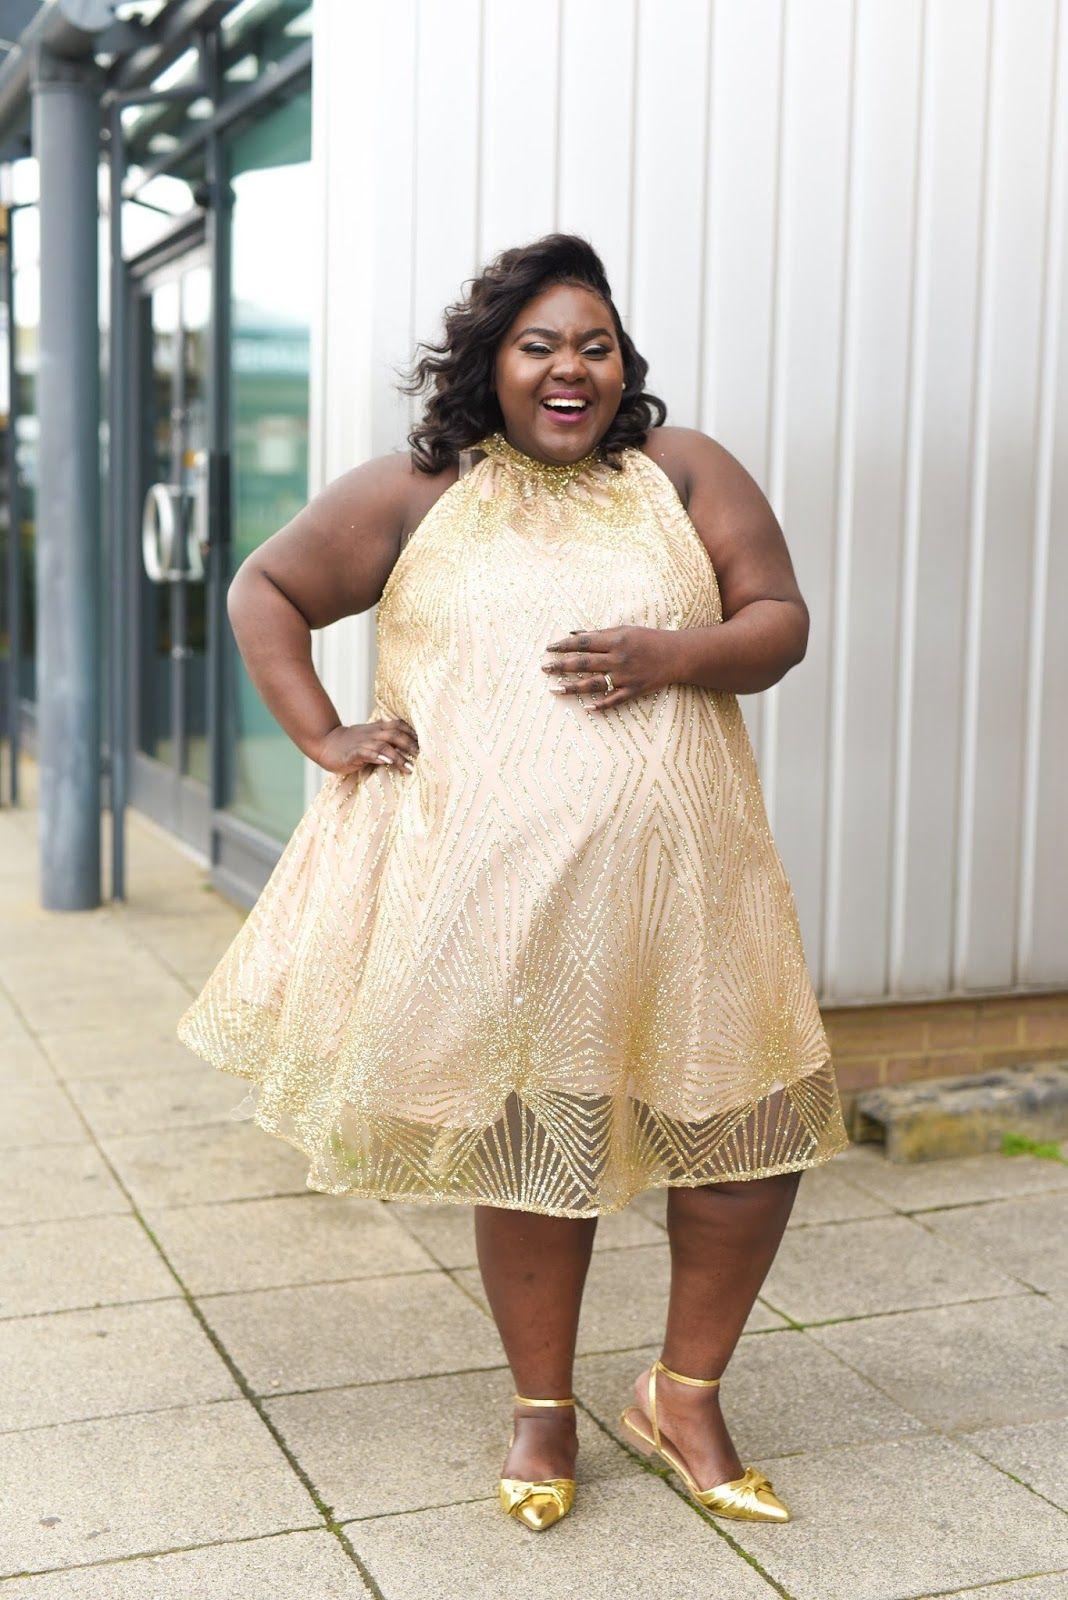 950d252c050b9 Chanel Ambrose Plus Size Women